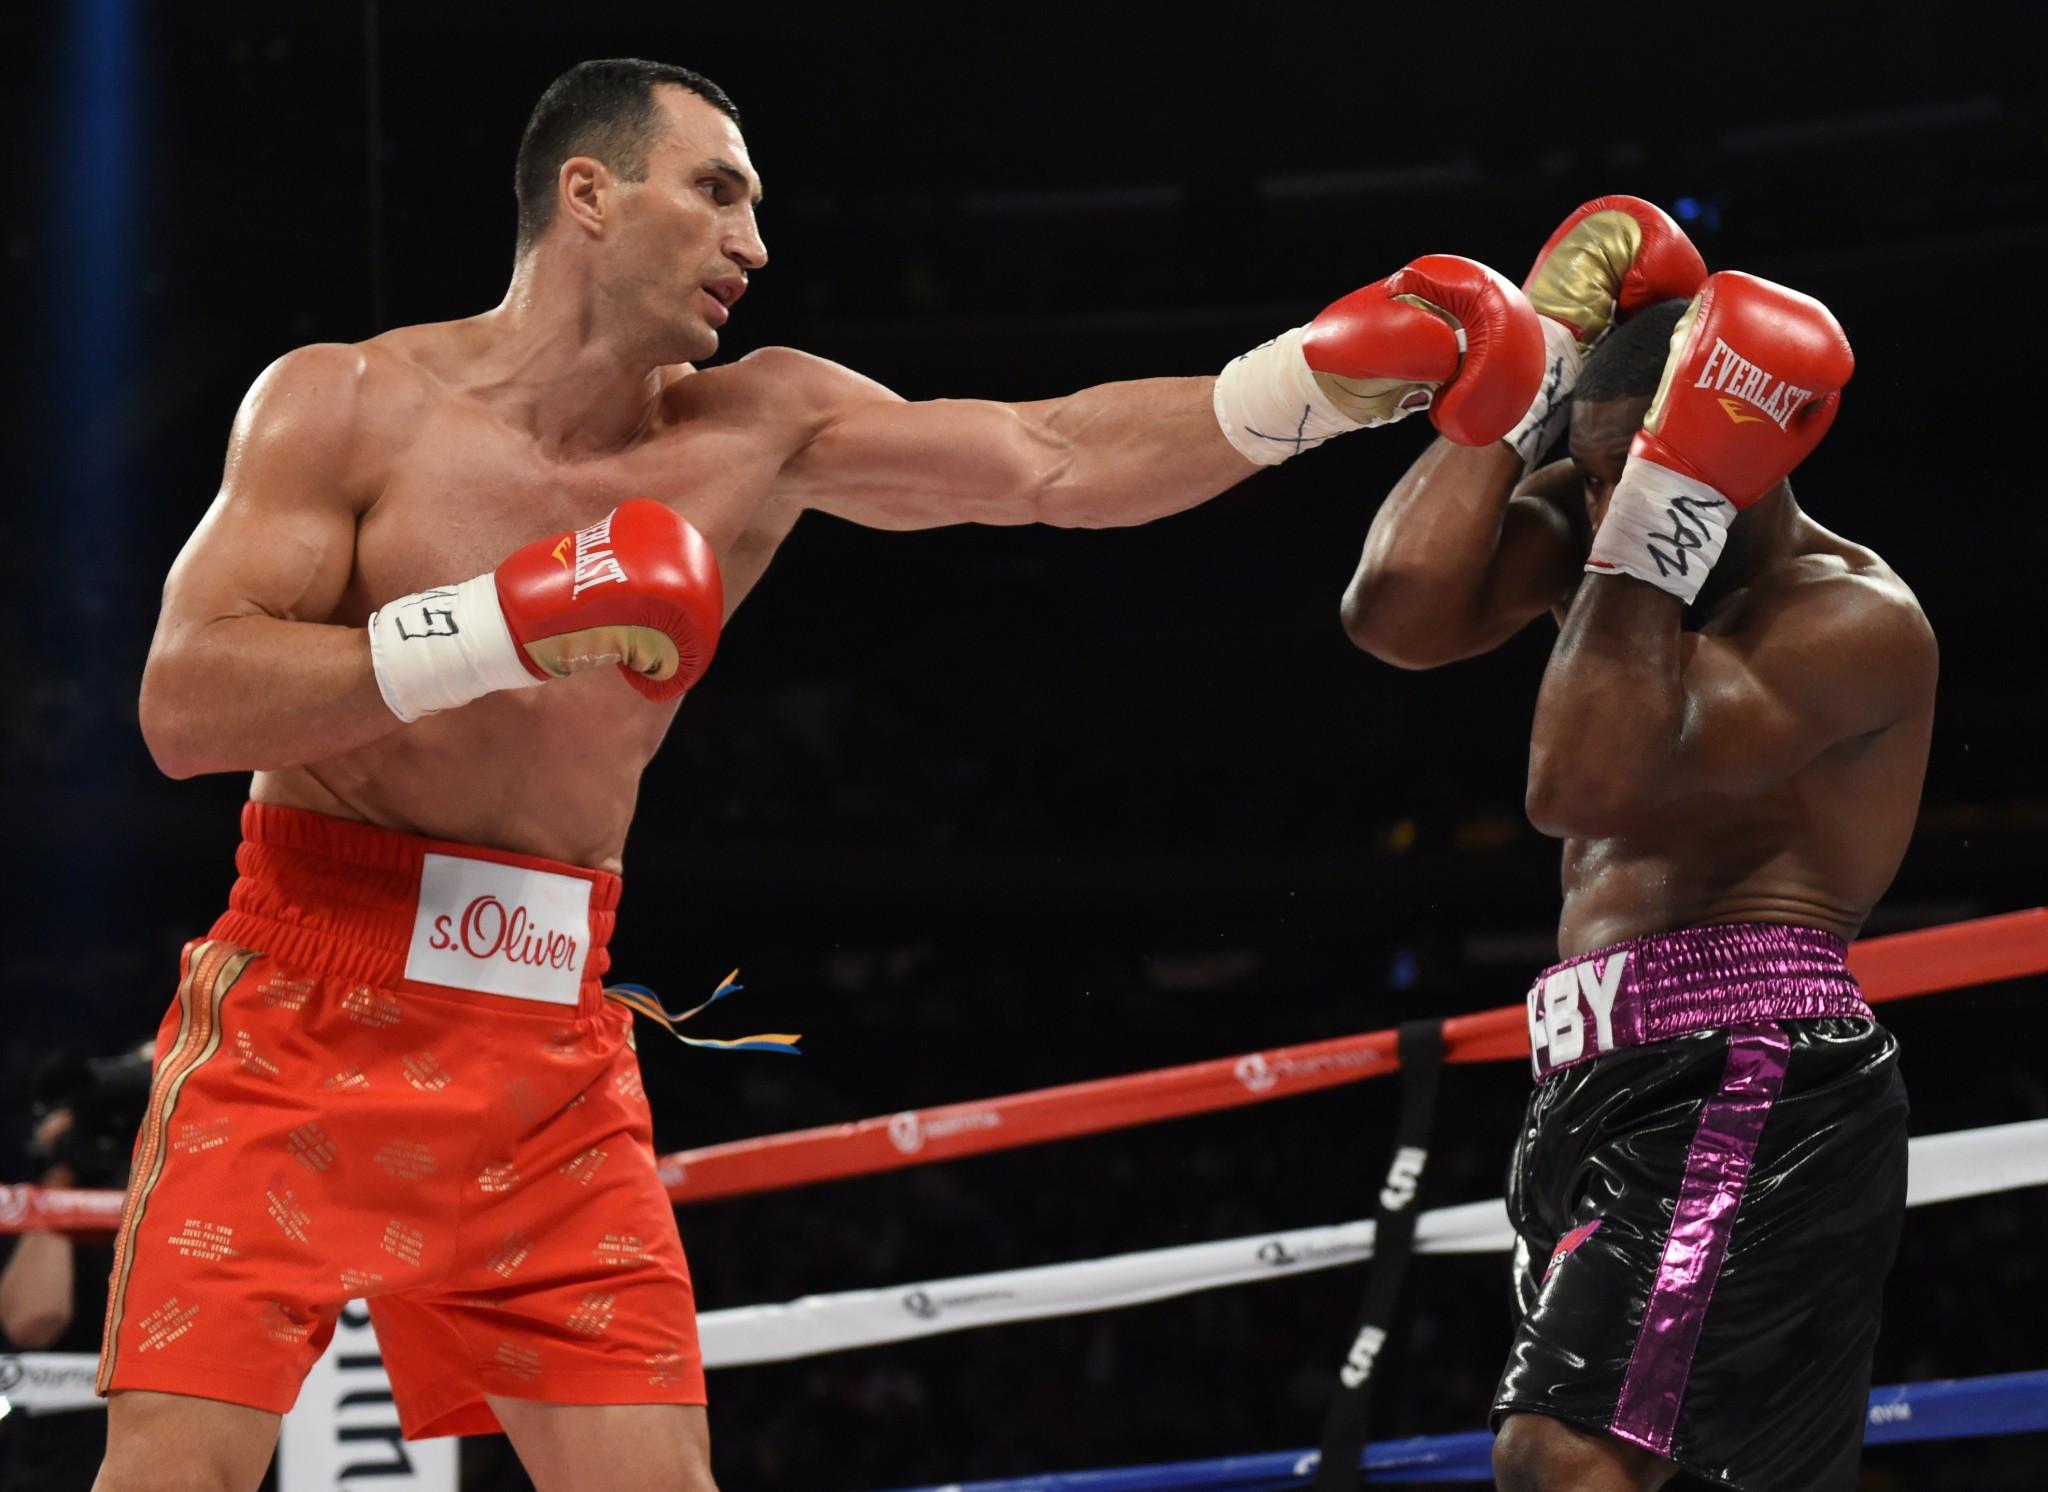 Wladimir Klitschko announces retirement from boxing